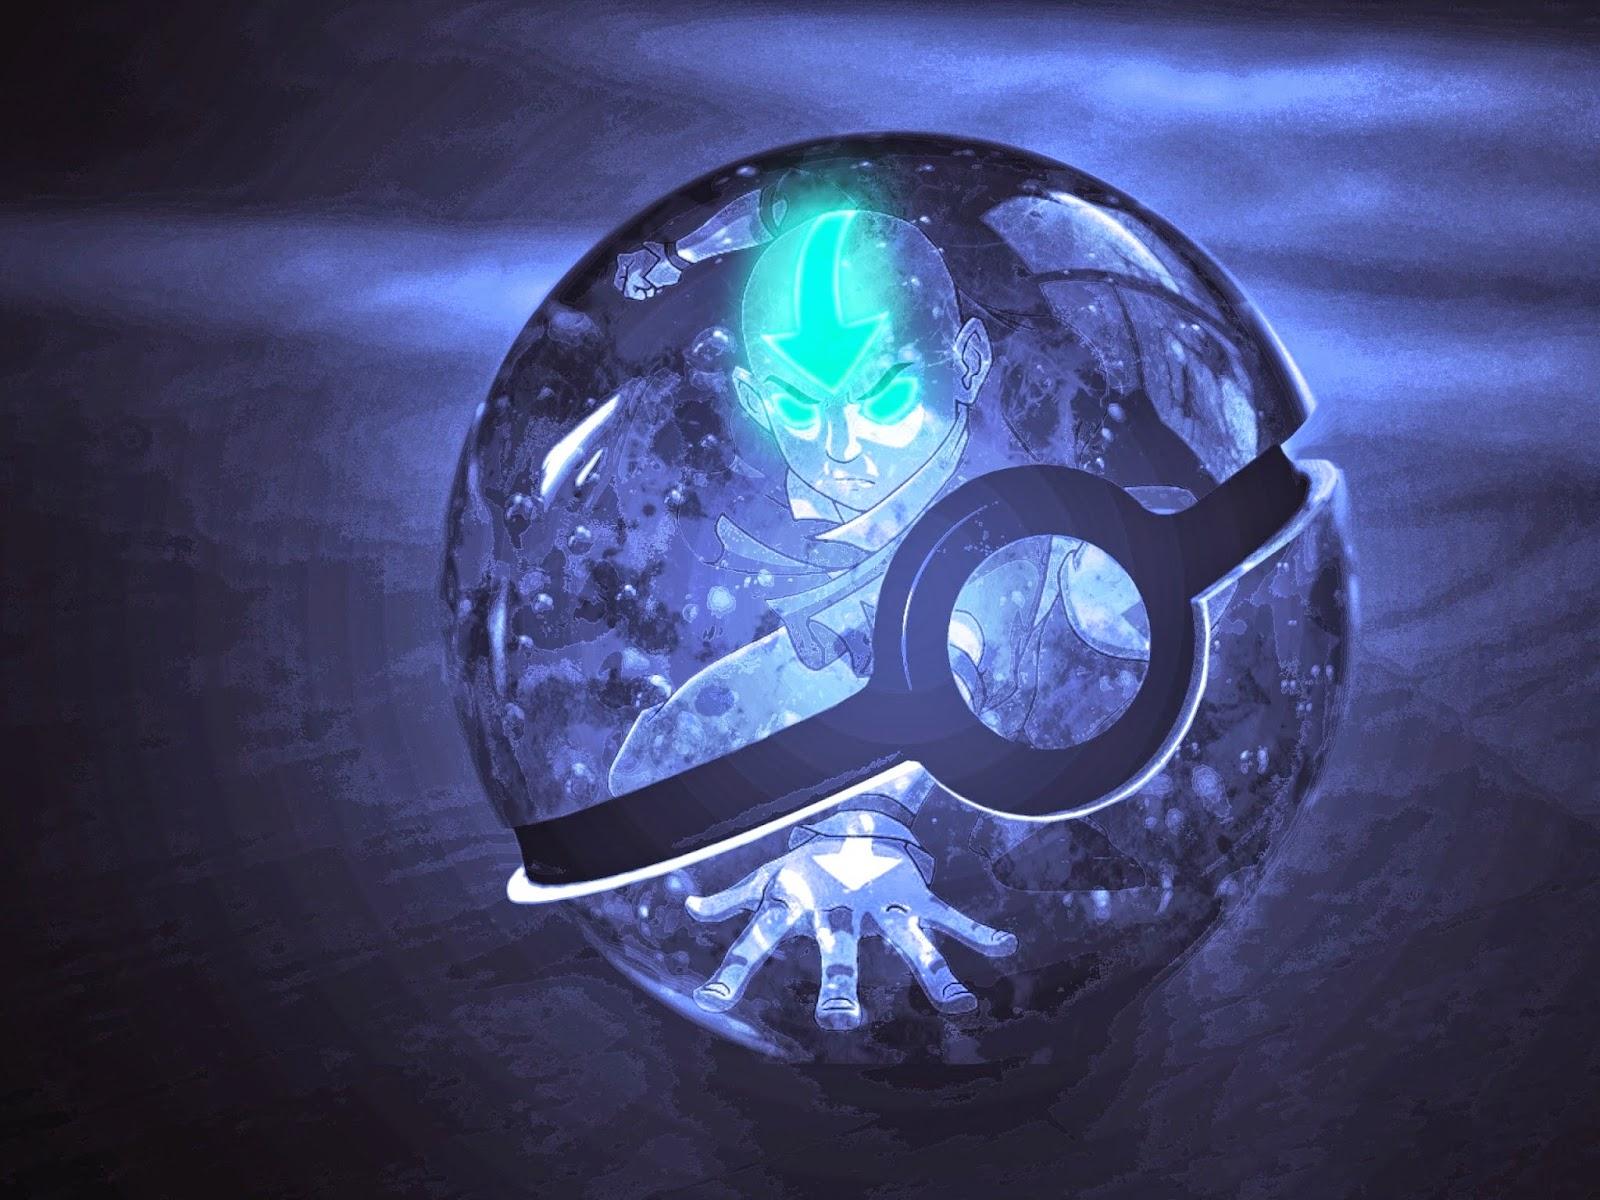 Fond D Ecran Pokemon 3d Telecharger Milltumsesam Gq